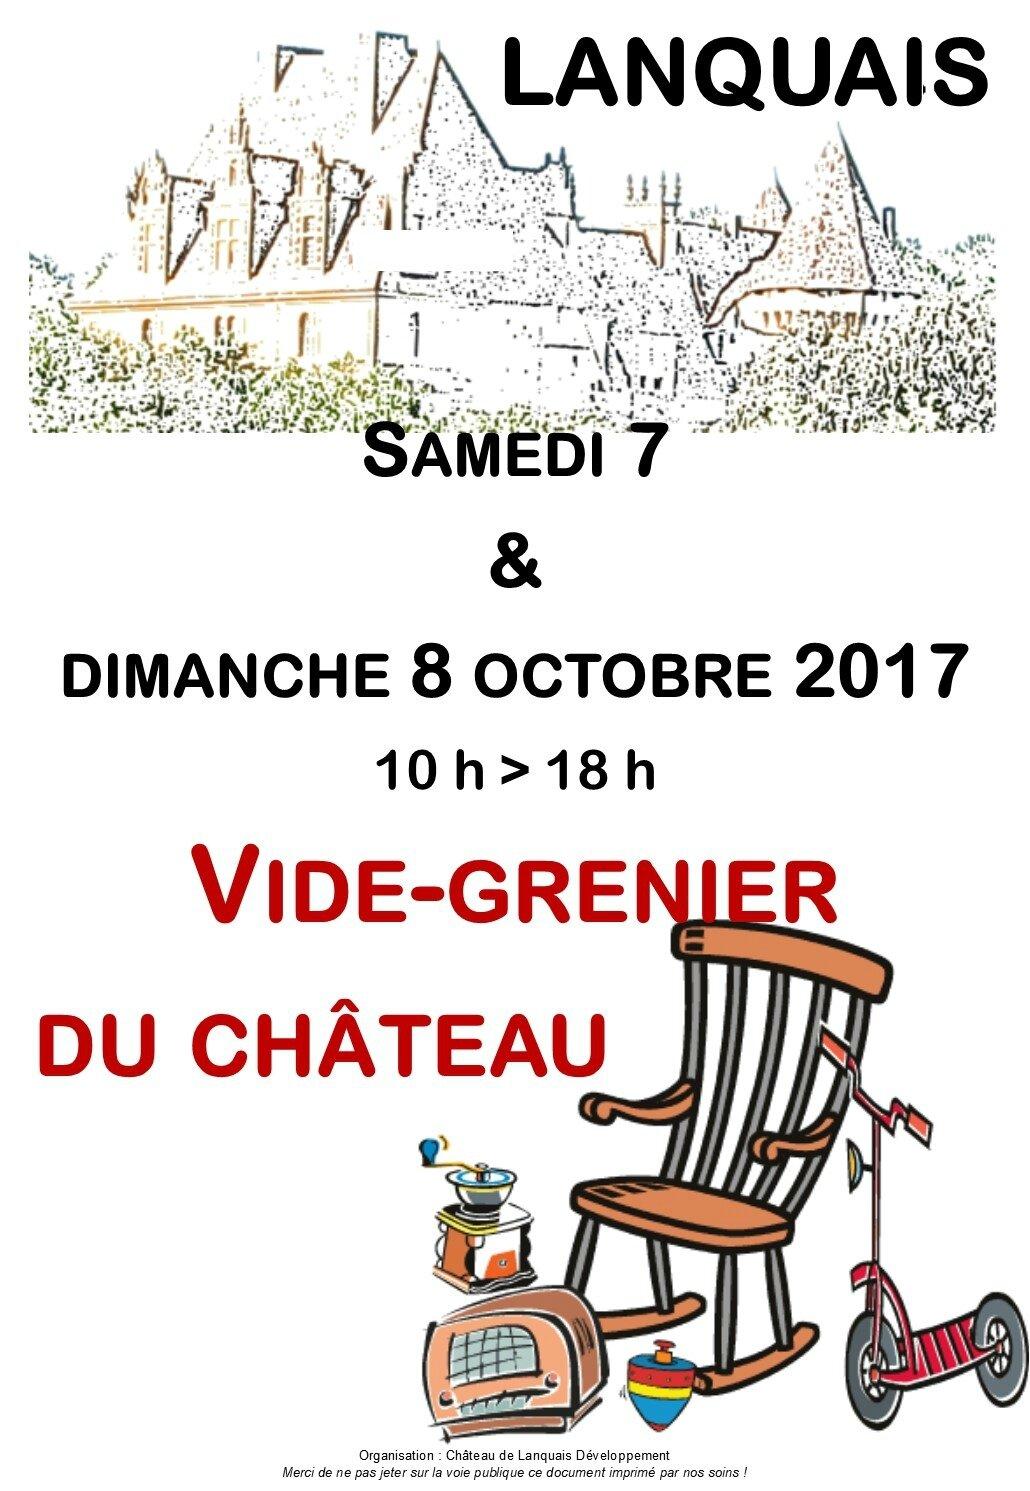 Vide-grenier du château de Lanquais